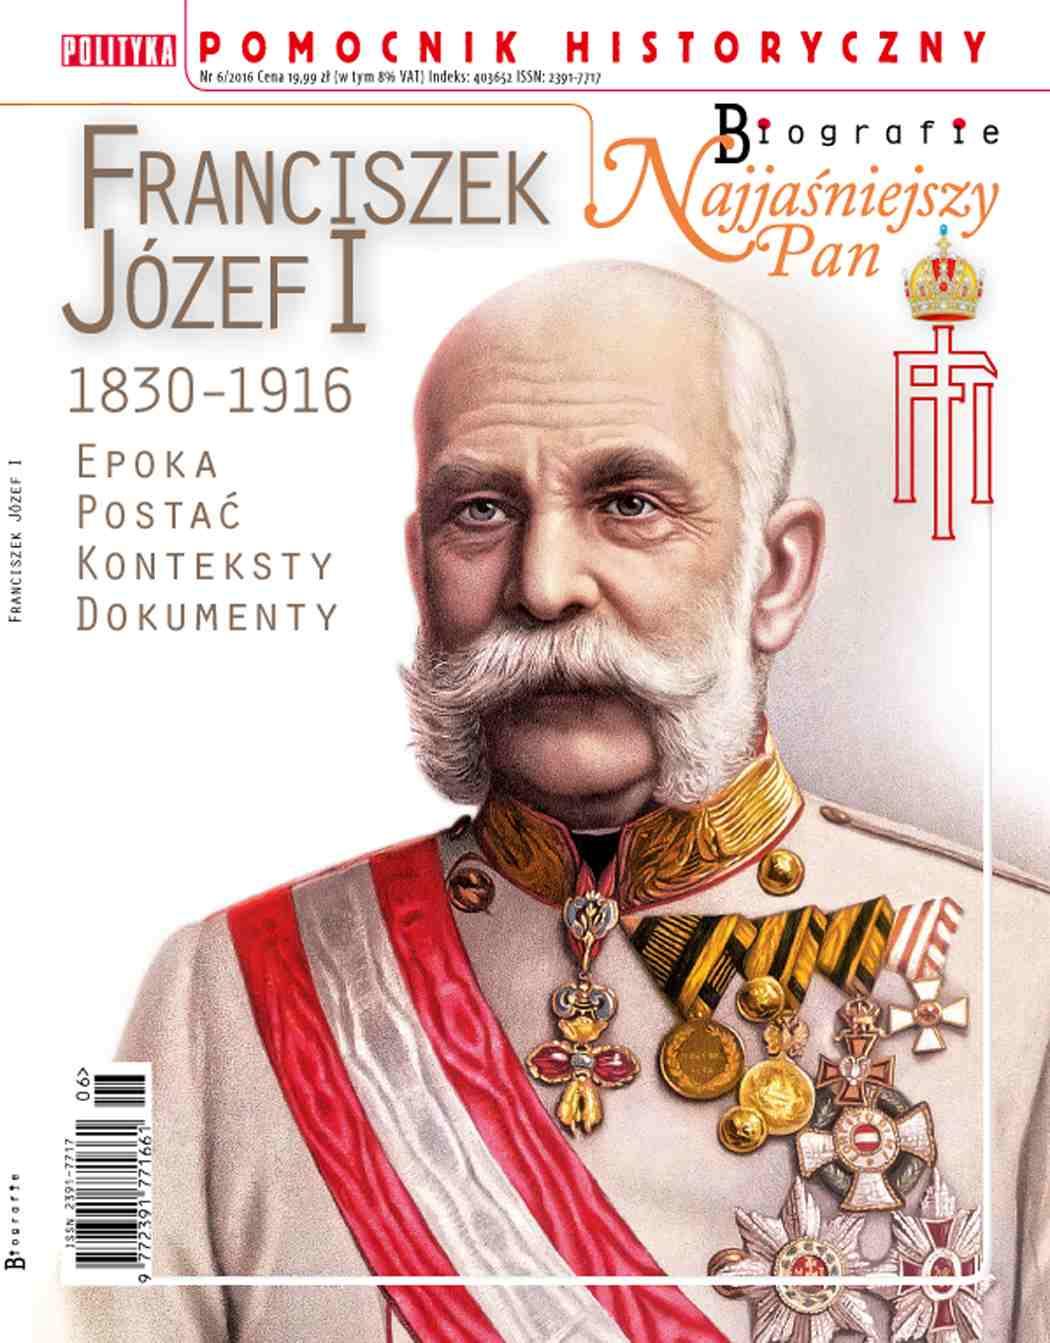 Pomocnik Historyczny. Franciszek Józef I - Ebook (Książka PDF) do pobrania w formacie PDF